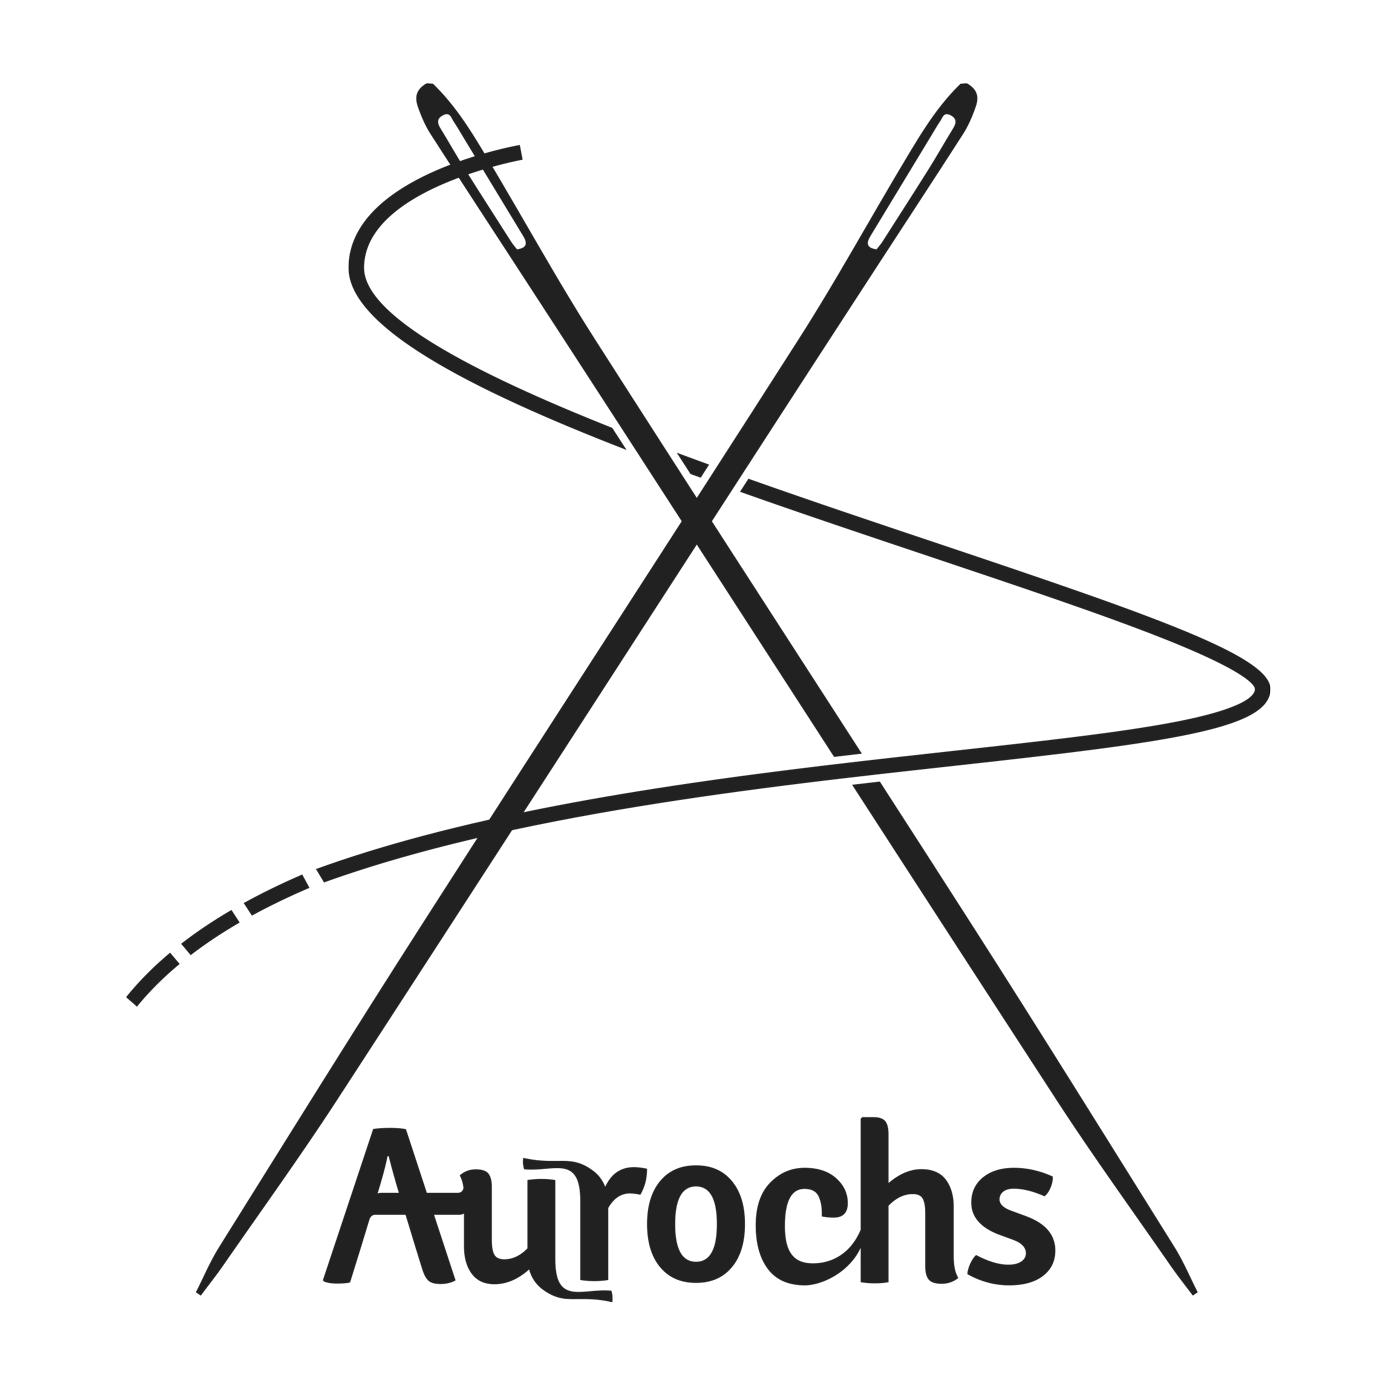 Aurochs, Daastan, The Stories Untold, Travel